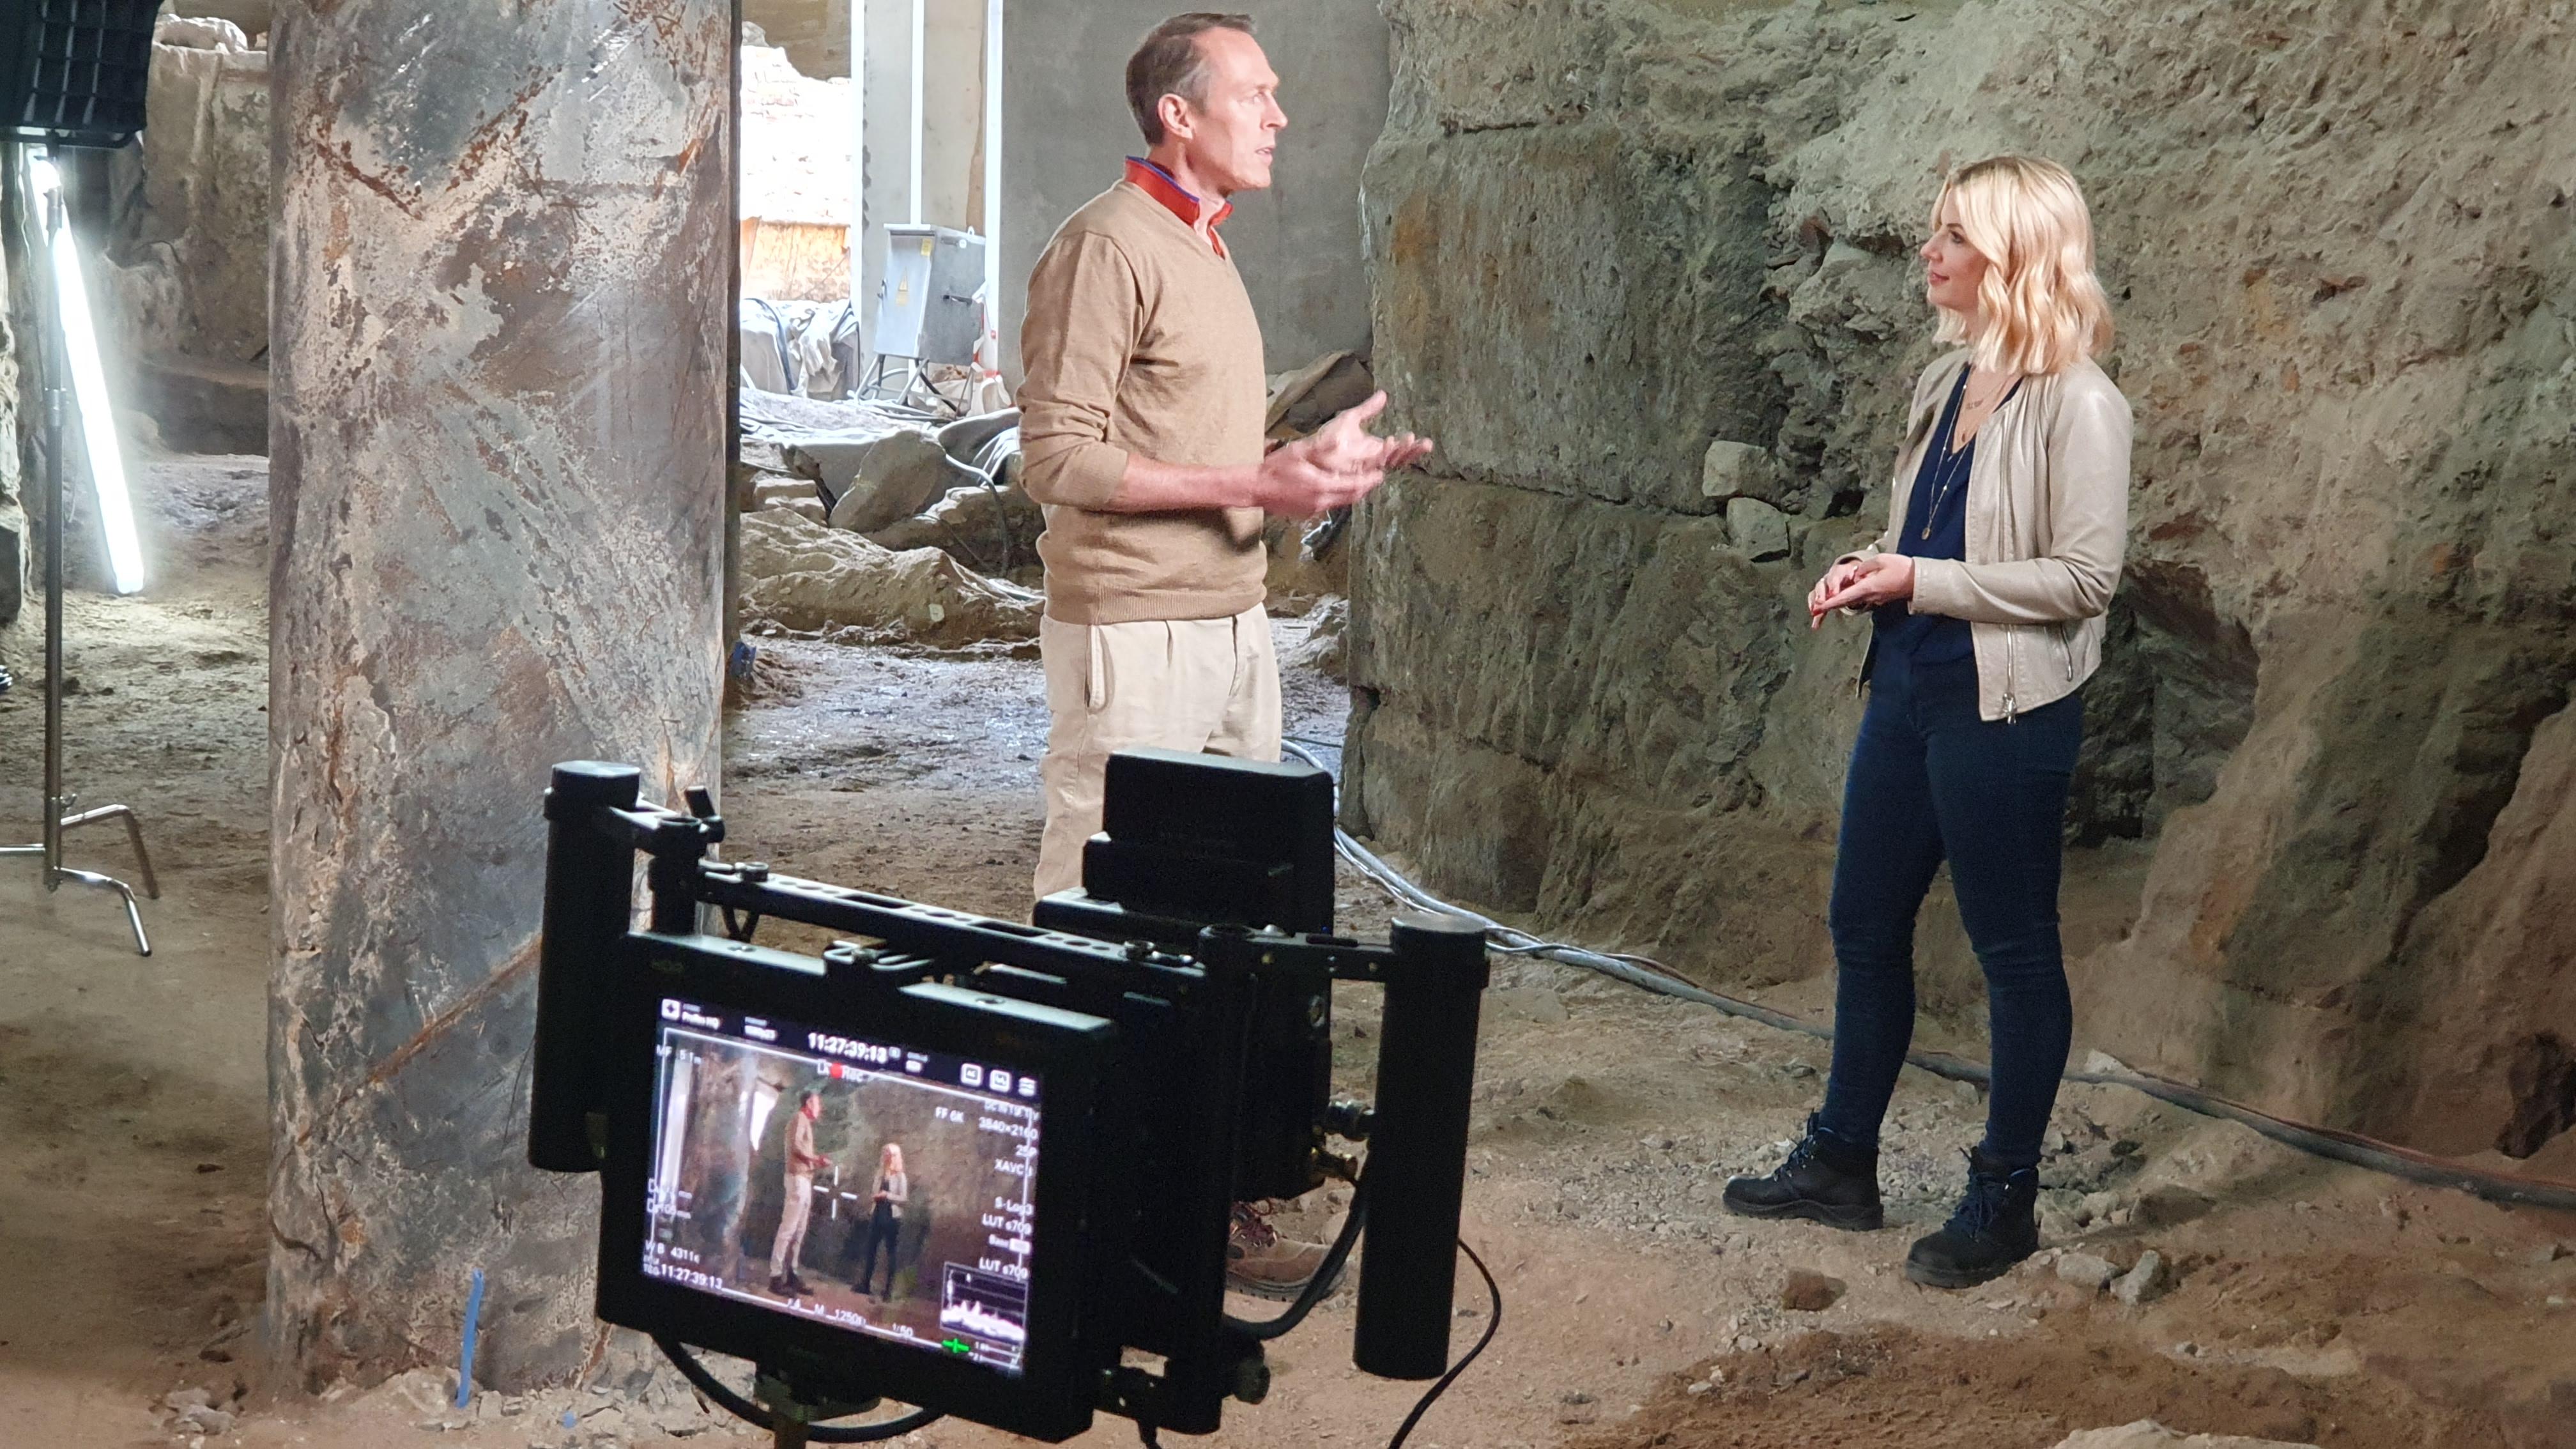 Interviewsituation: Links im Bild Mann mit beige-farbenem Pullover. Frau mit blonden Haaren und beige-farbener Jacke rechts im Bild. Im Vordergrund nimmt eine Kamera die Situation auf.